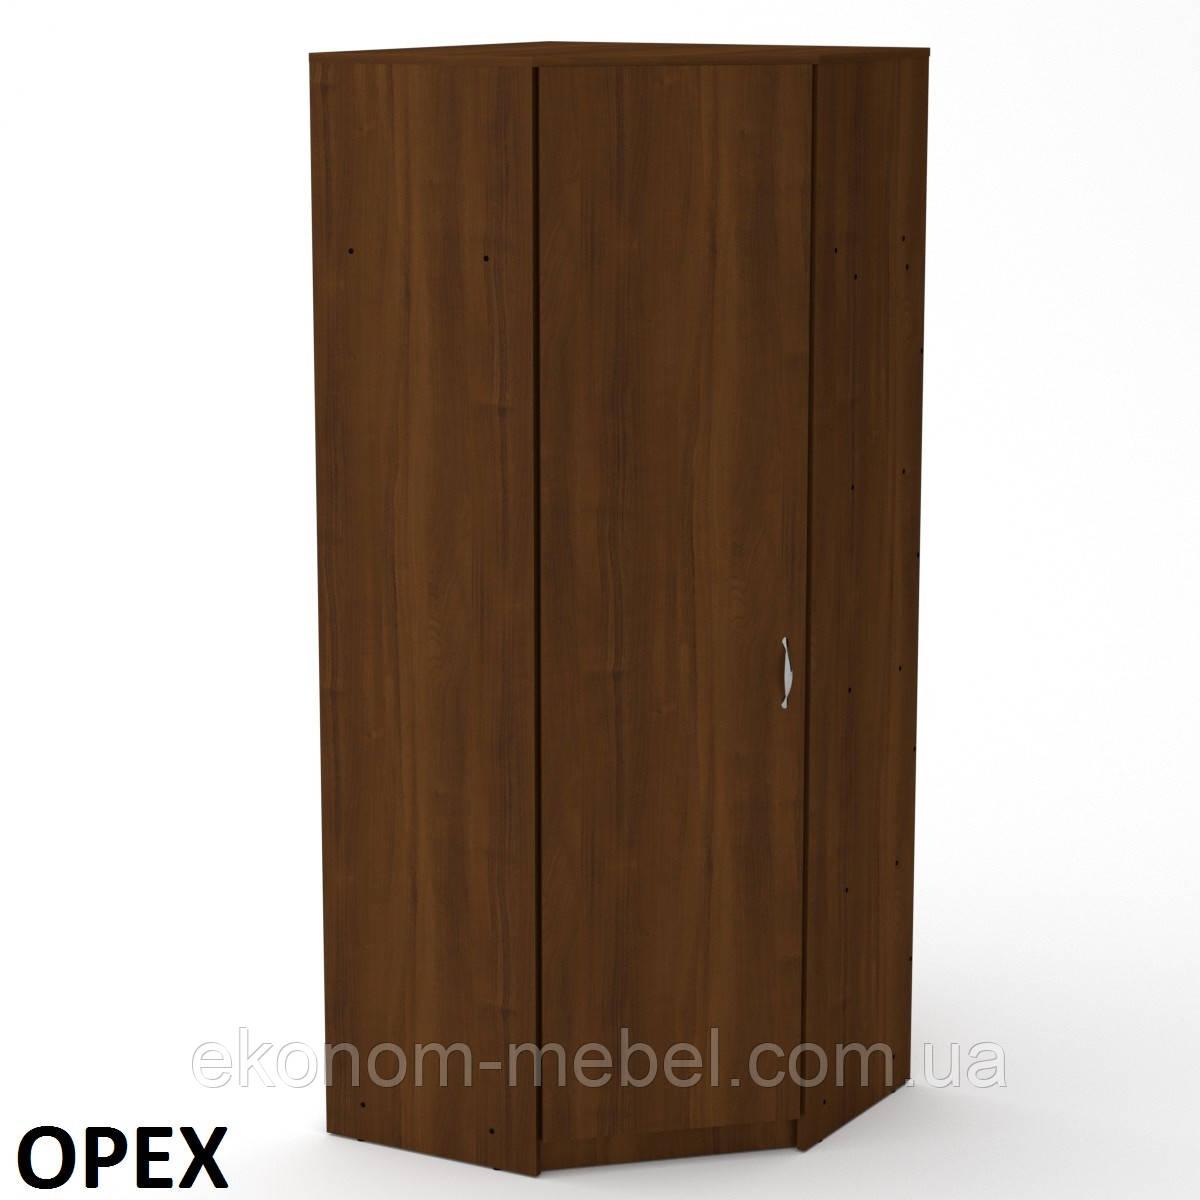 Шкаф угловой 3У для дома с полками и штангой для вешалок